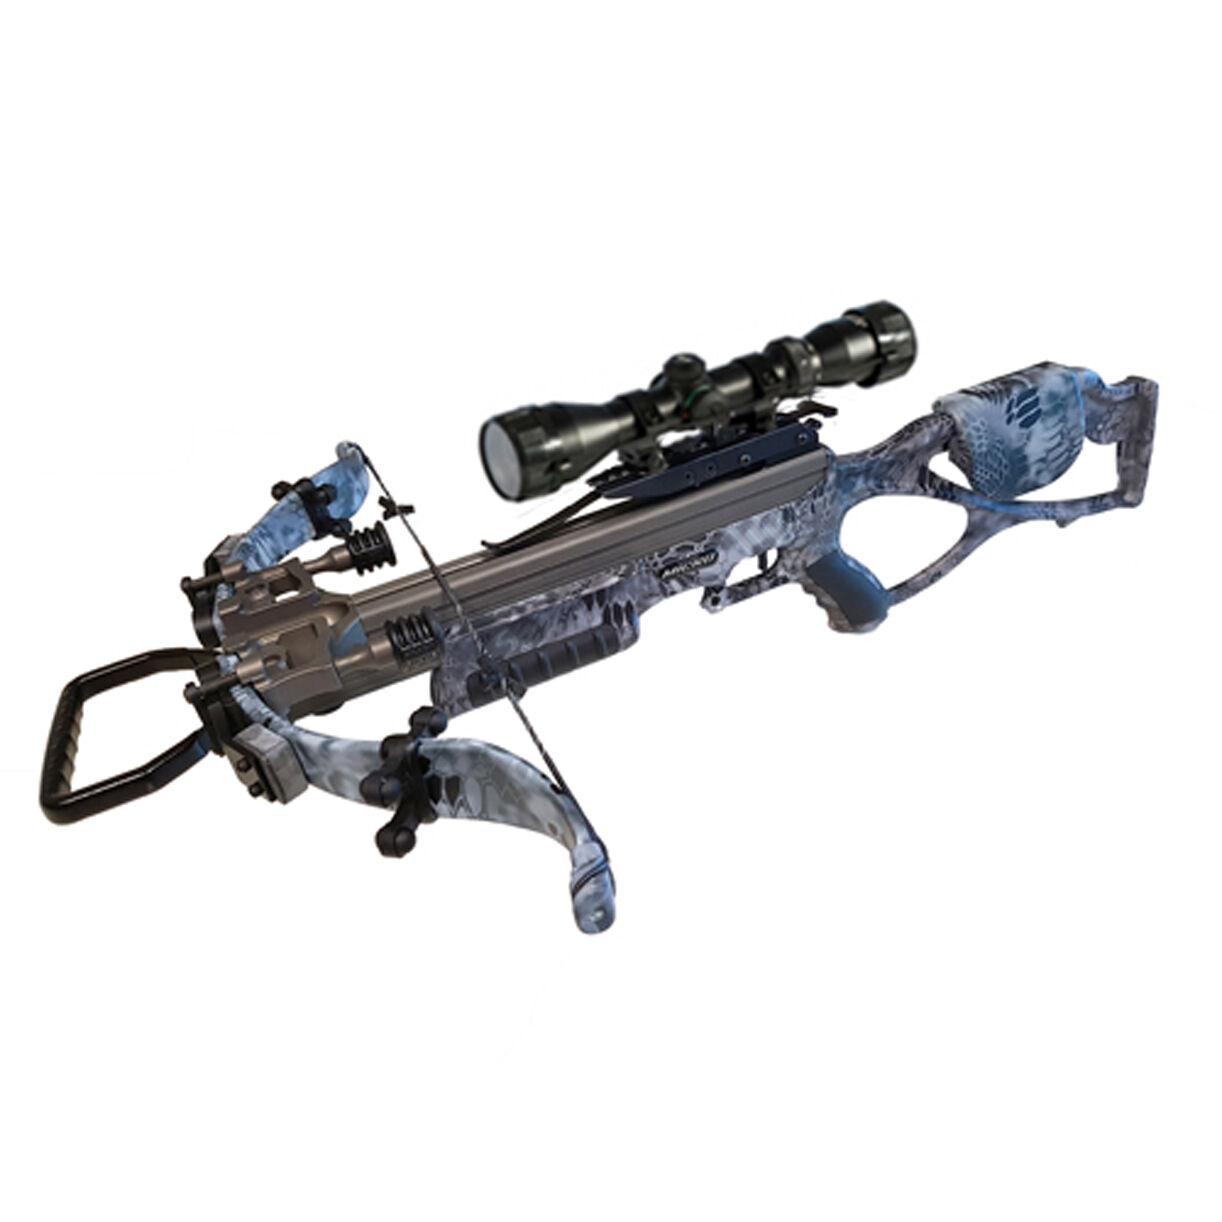 Excalibur Micro Raid 335 Kryptek Crossbow Package UPGRADED T